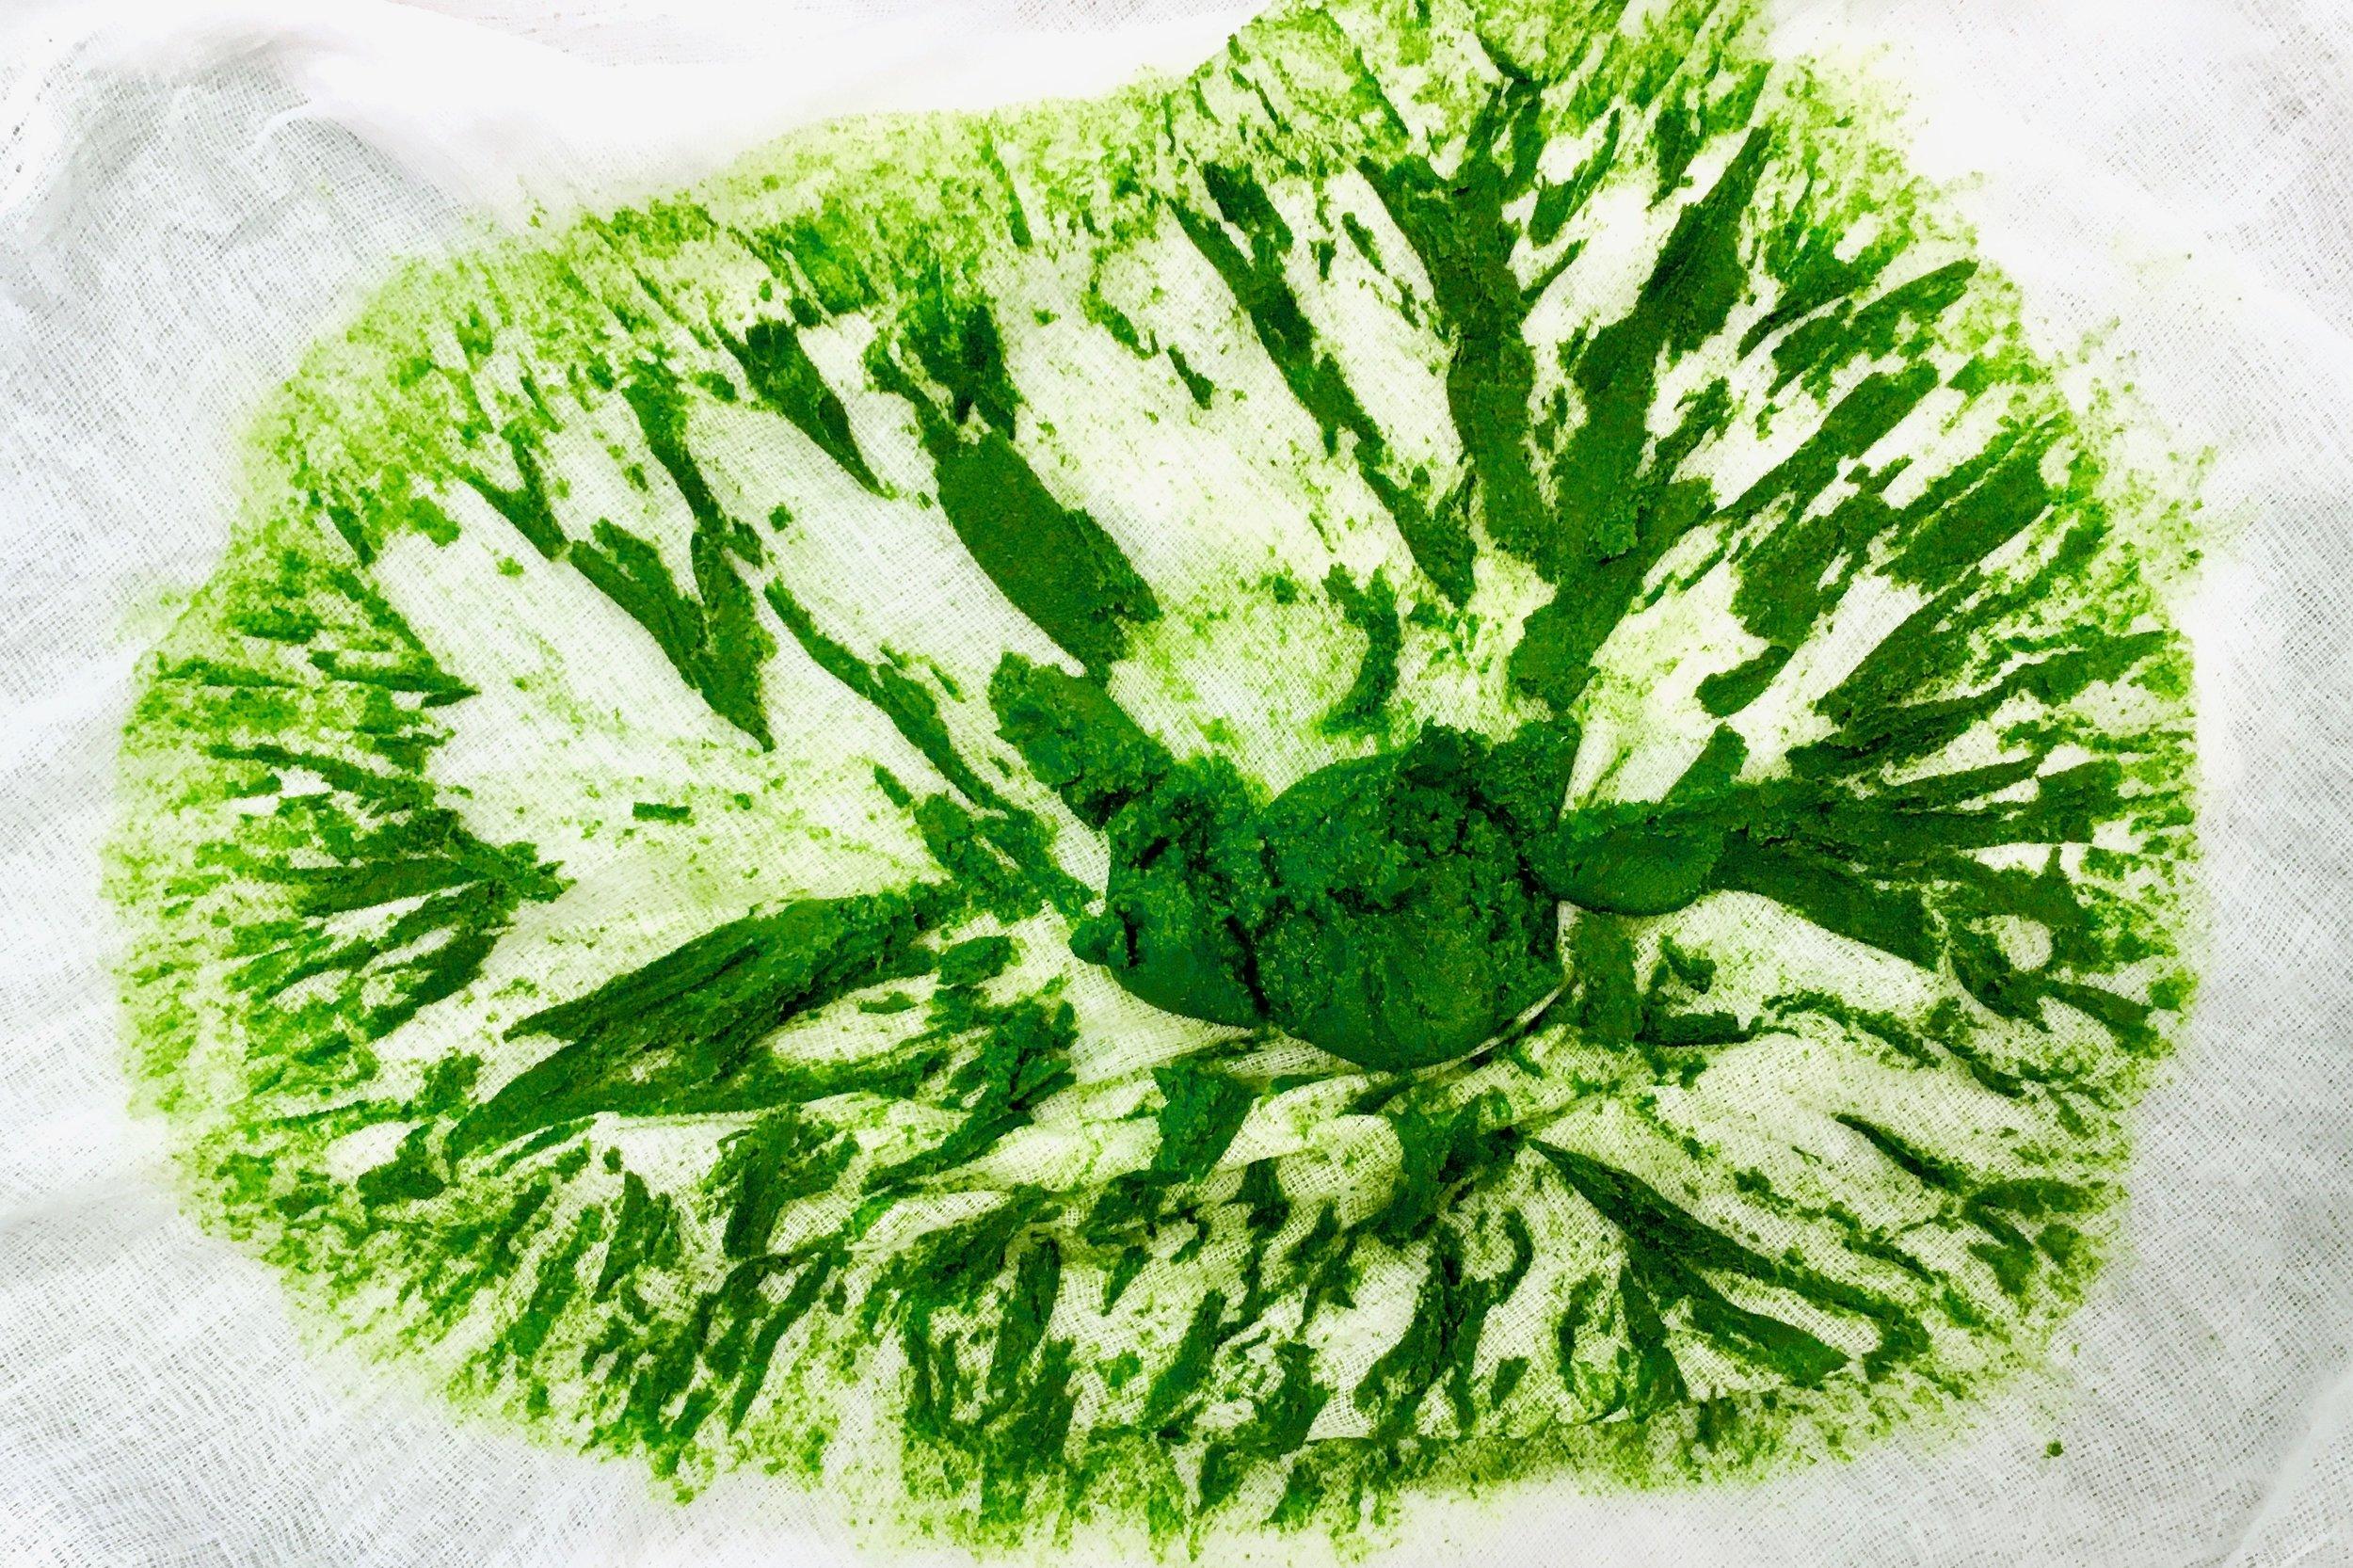 Parsley chlorophyll